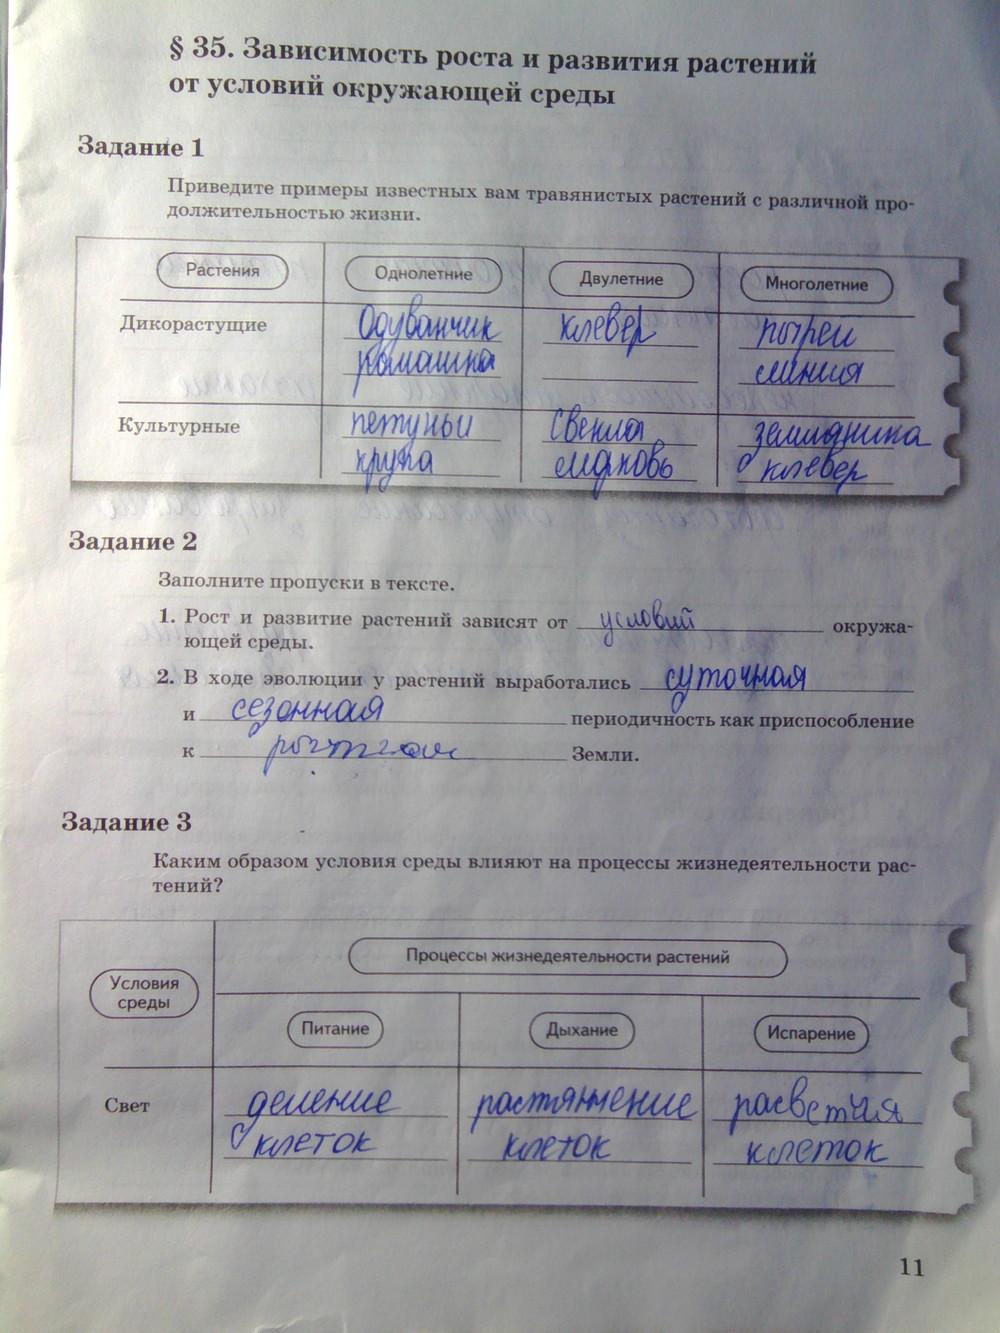 Гдз по биологии рабочая тетрадь 11 класс 2 часть